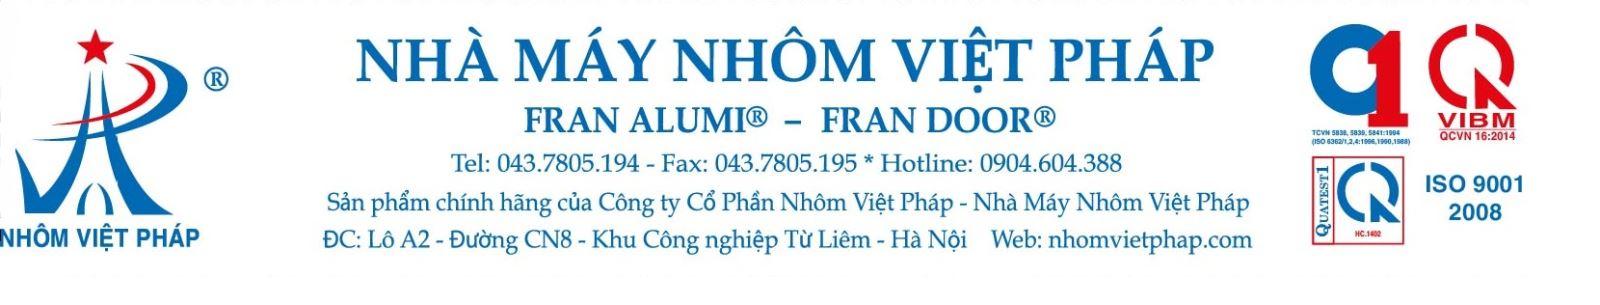 Nhom Việt pháp chính hãng từ liêm hà nội